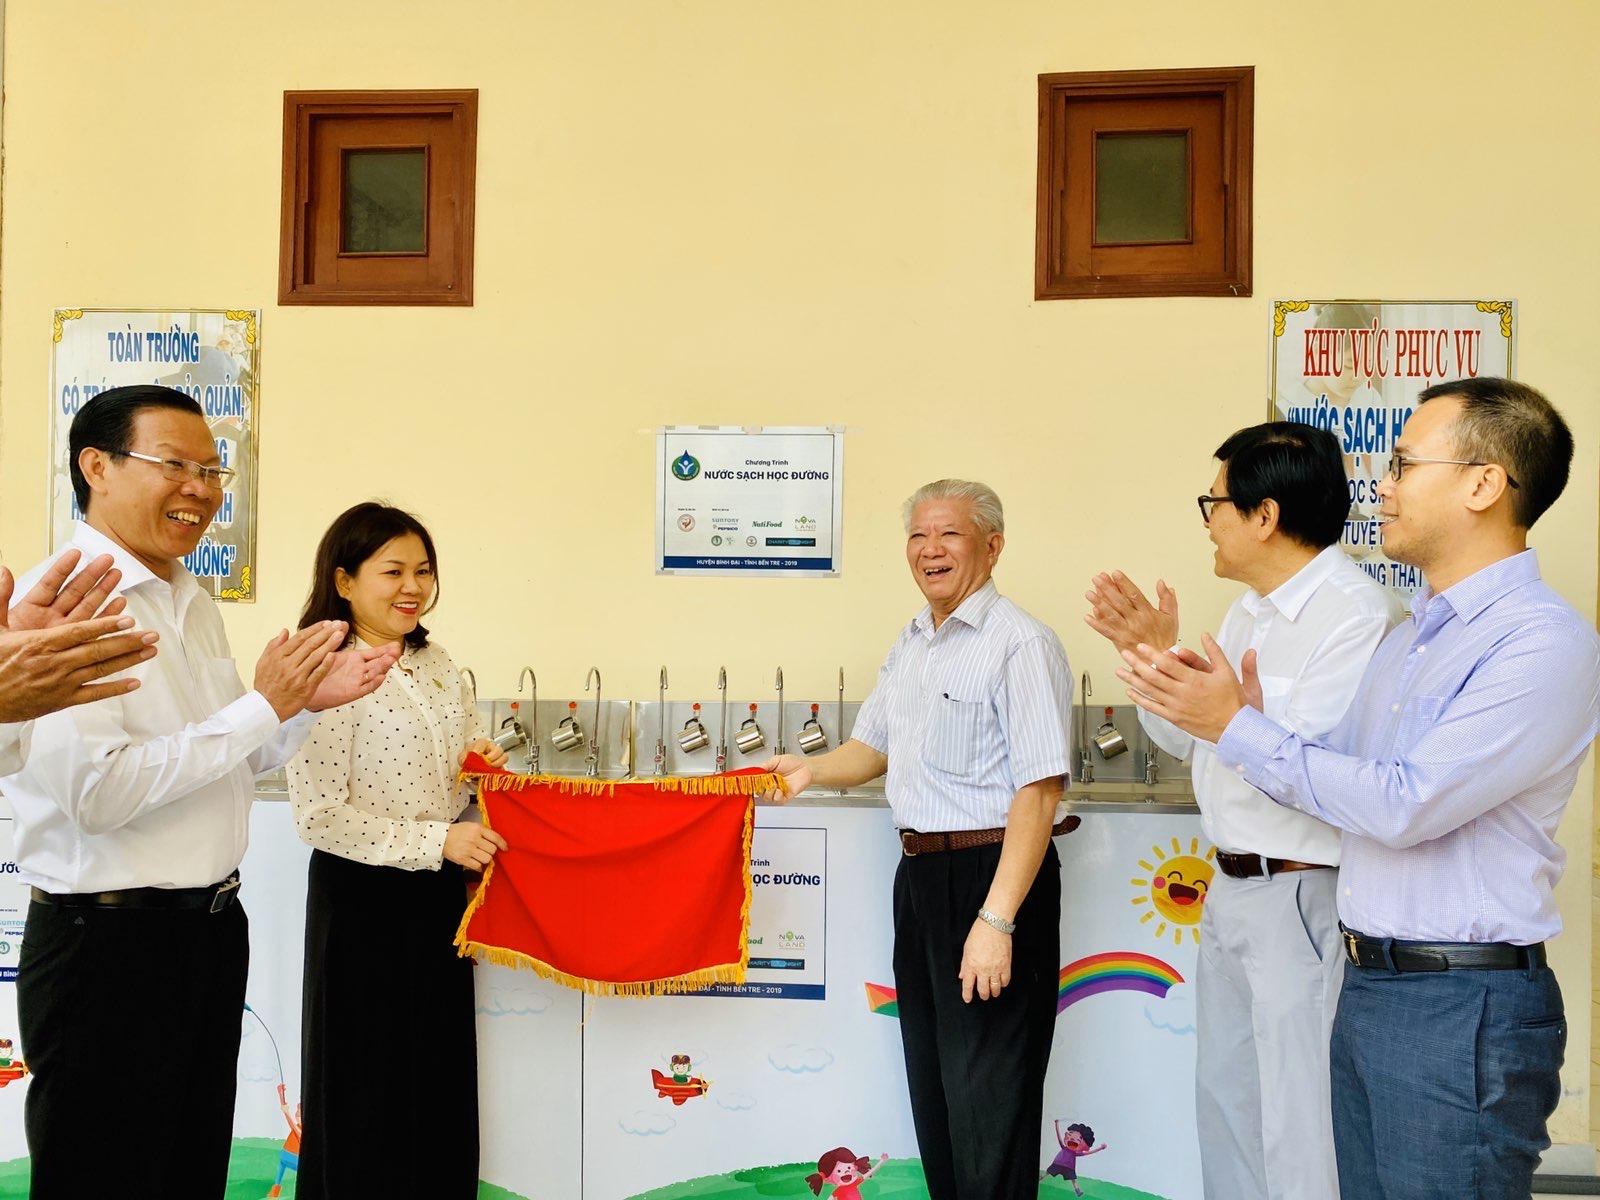 """Niềm vui về """"Nước sạch học đường"""" đã lan tỏa đến huyện Bình Đại, Bến Tre. Nguồn ảnh: Novaland"""